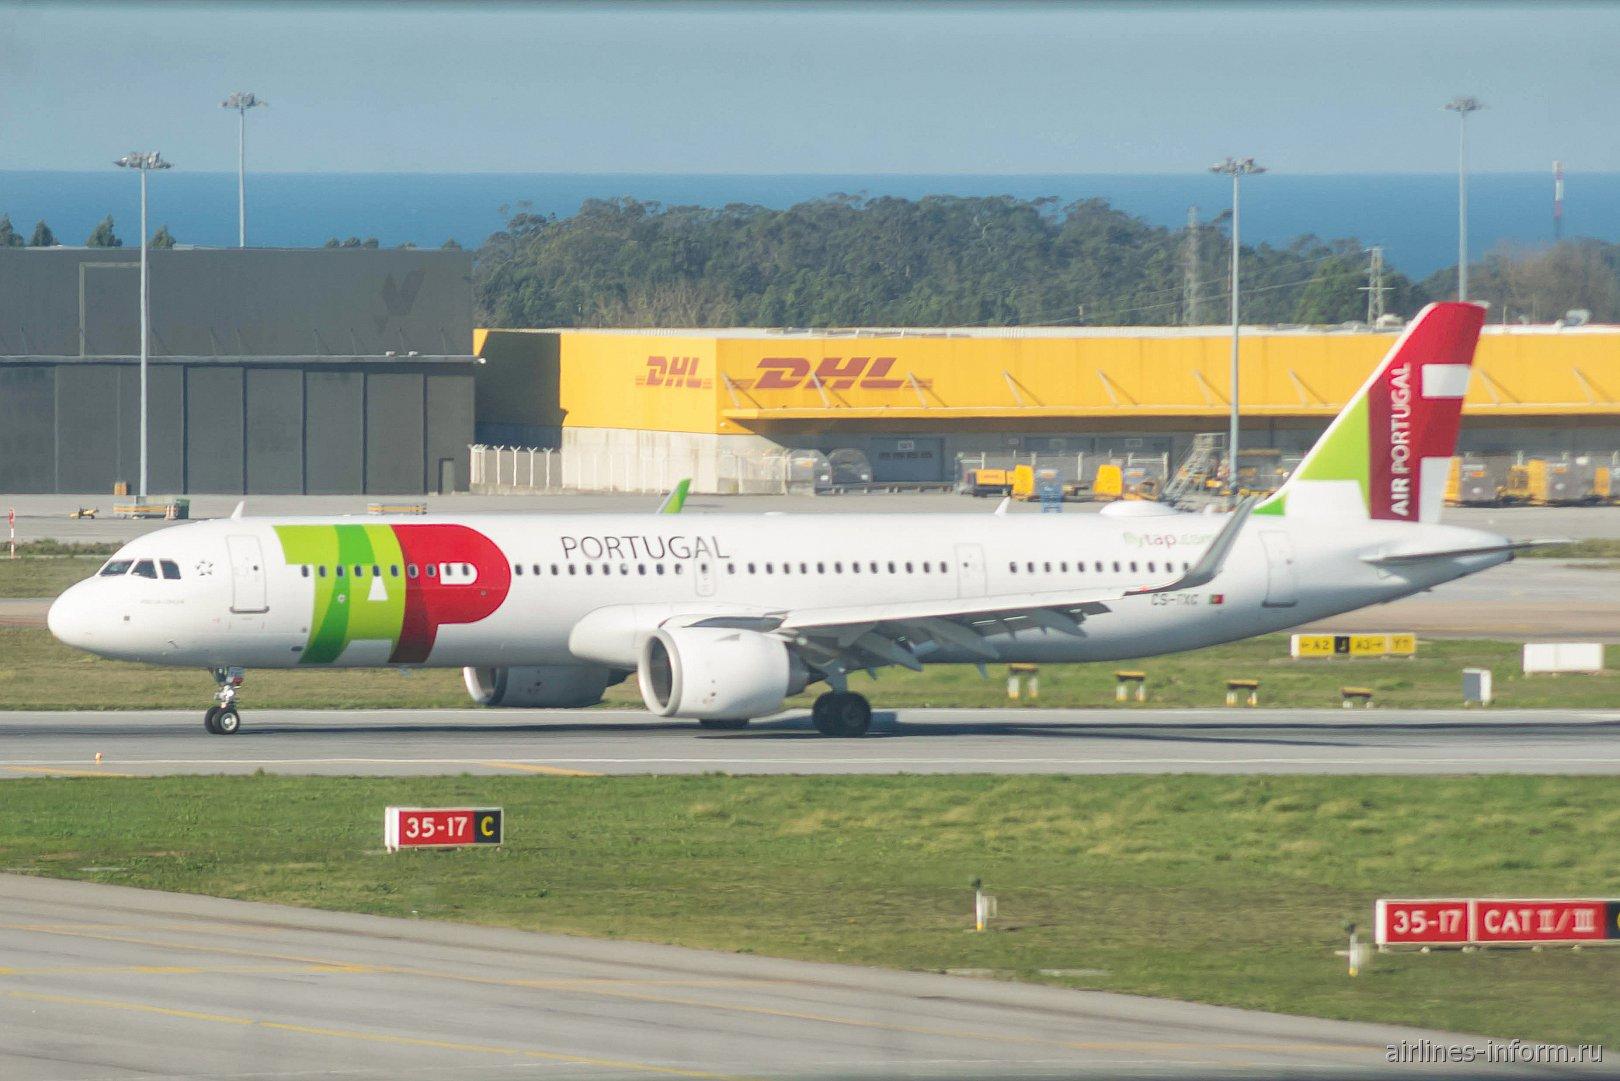 Премьера. Порту - Лиссабон TP2475 в бизнес-классе A321LR TAP